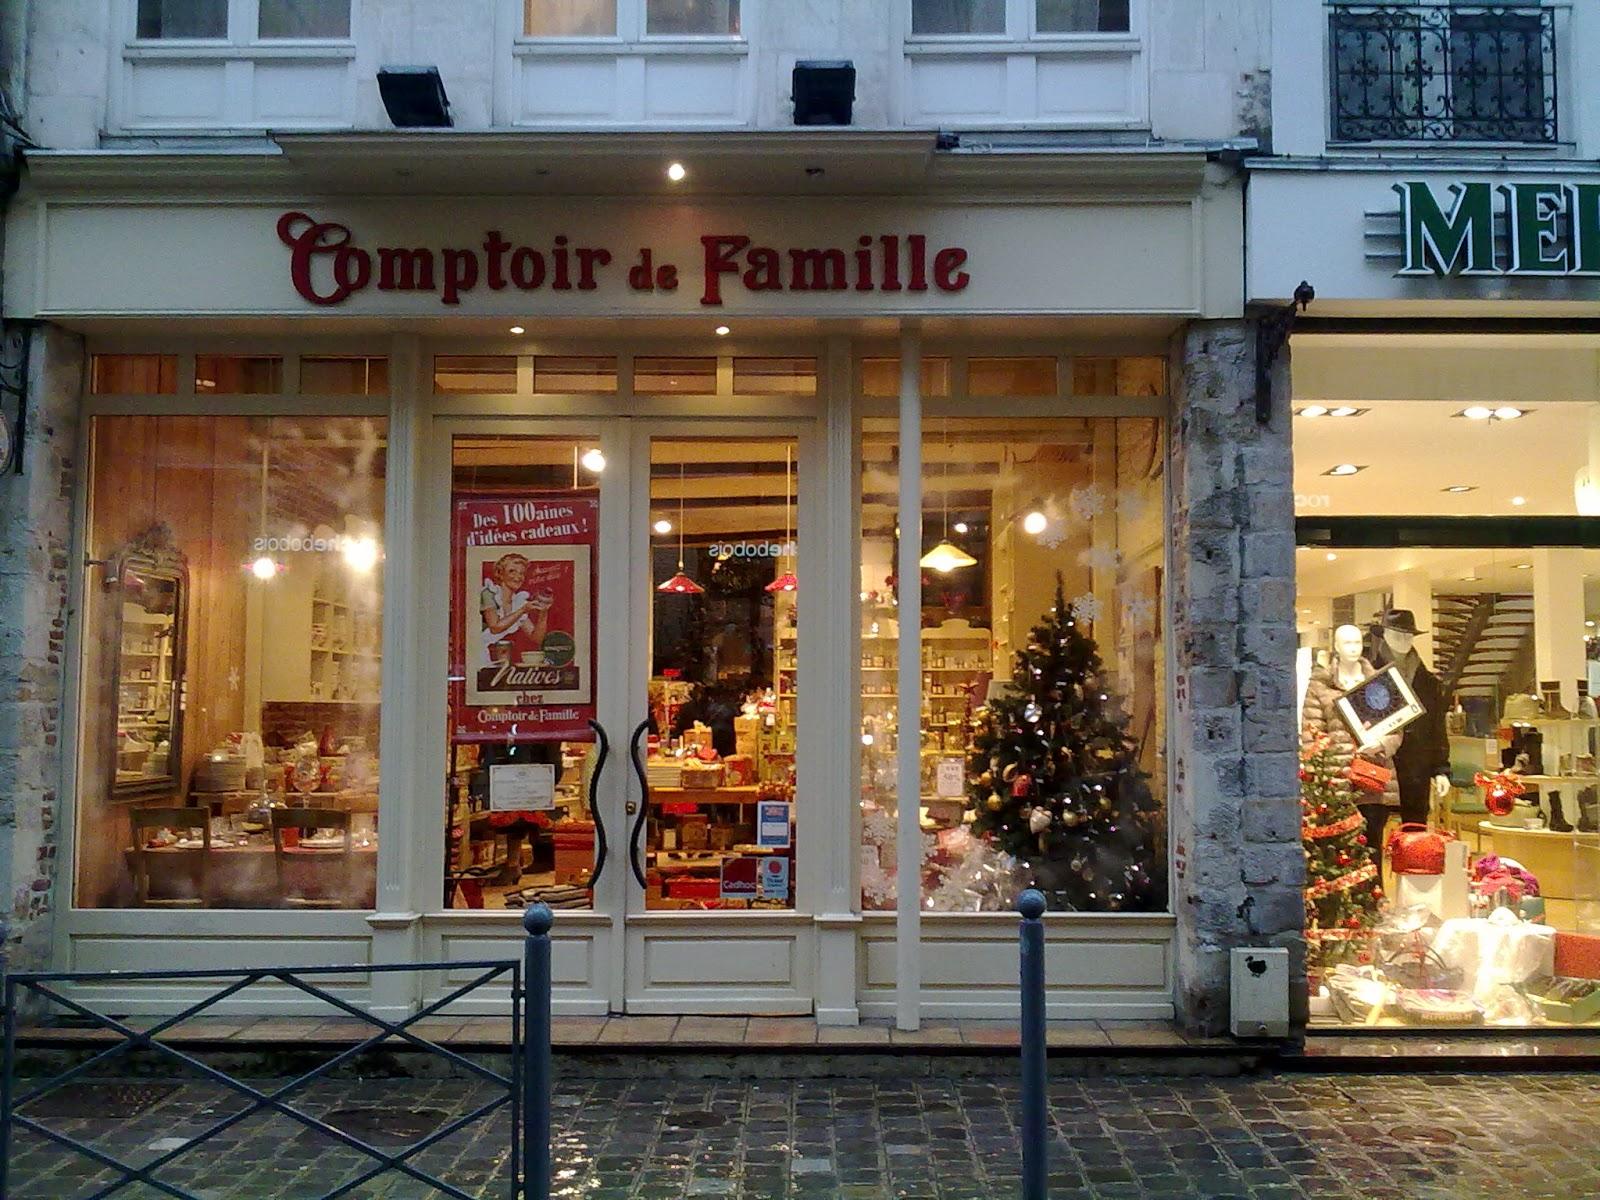 Country maison north of france norte de francia for Comptoir de famille decoration